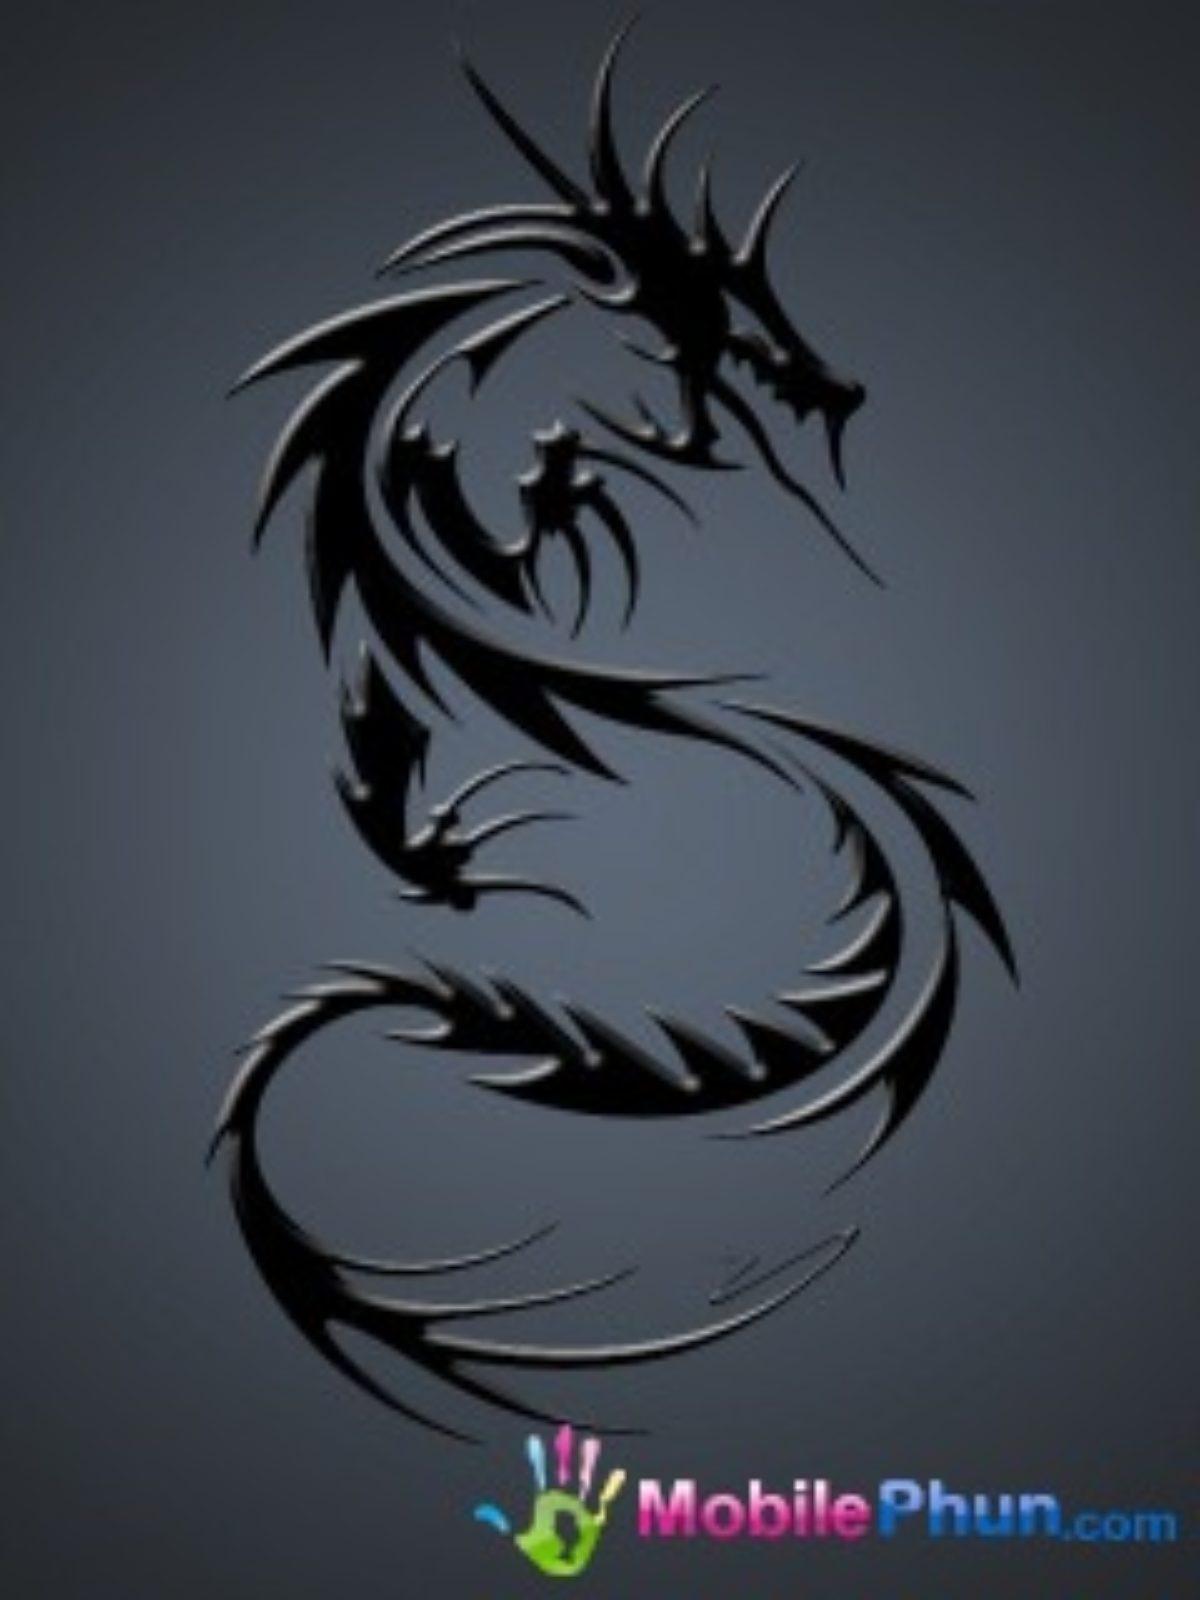 Download Dark Dragon Wallpaper Mobile Wallpapers Mobile Fun